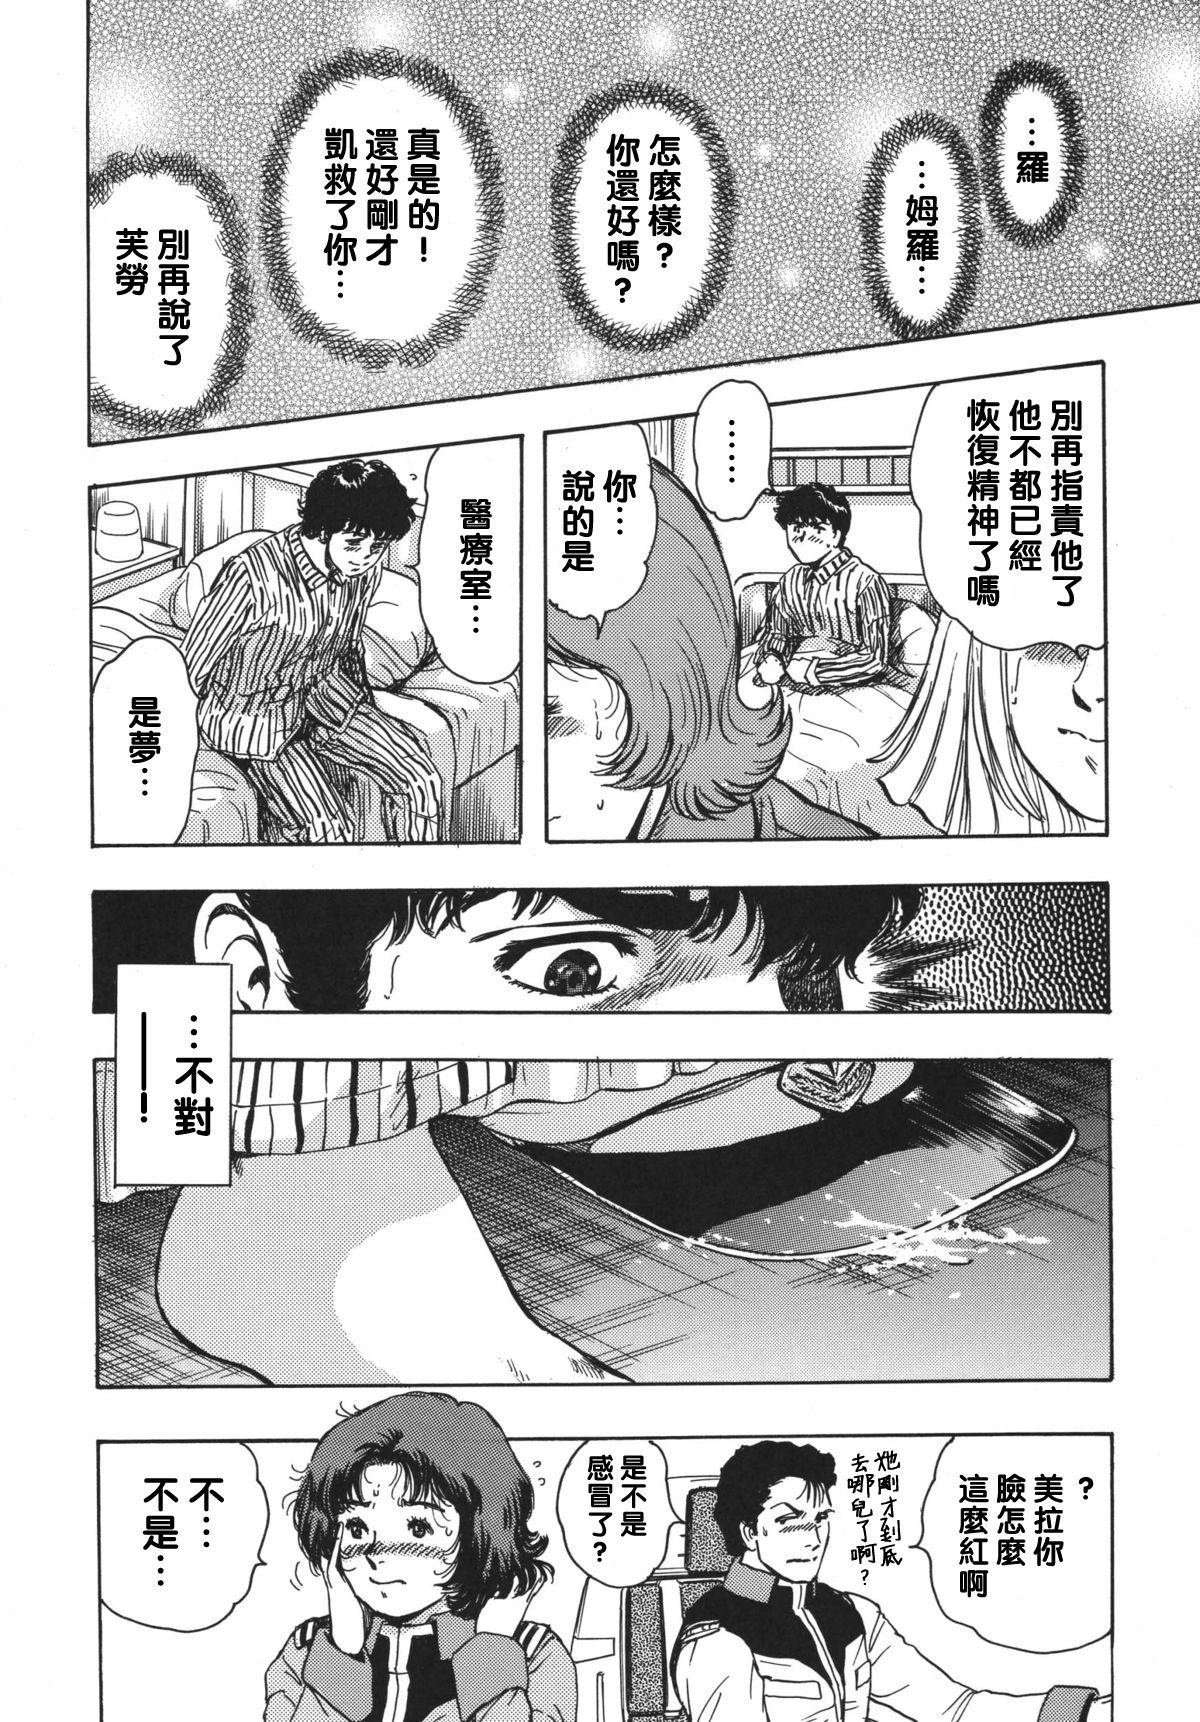 マチルタその愛夢 17